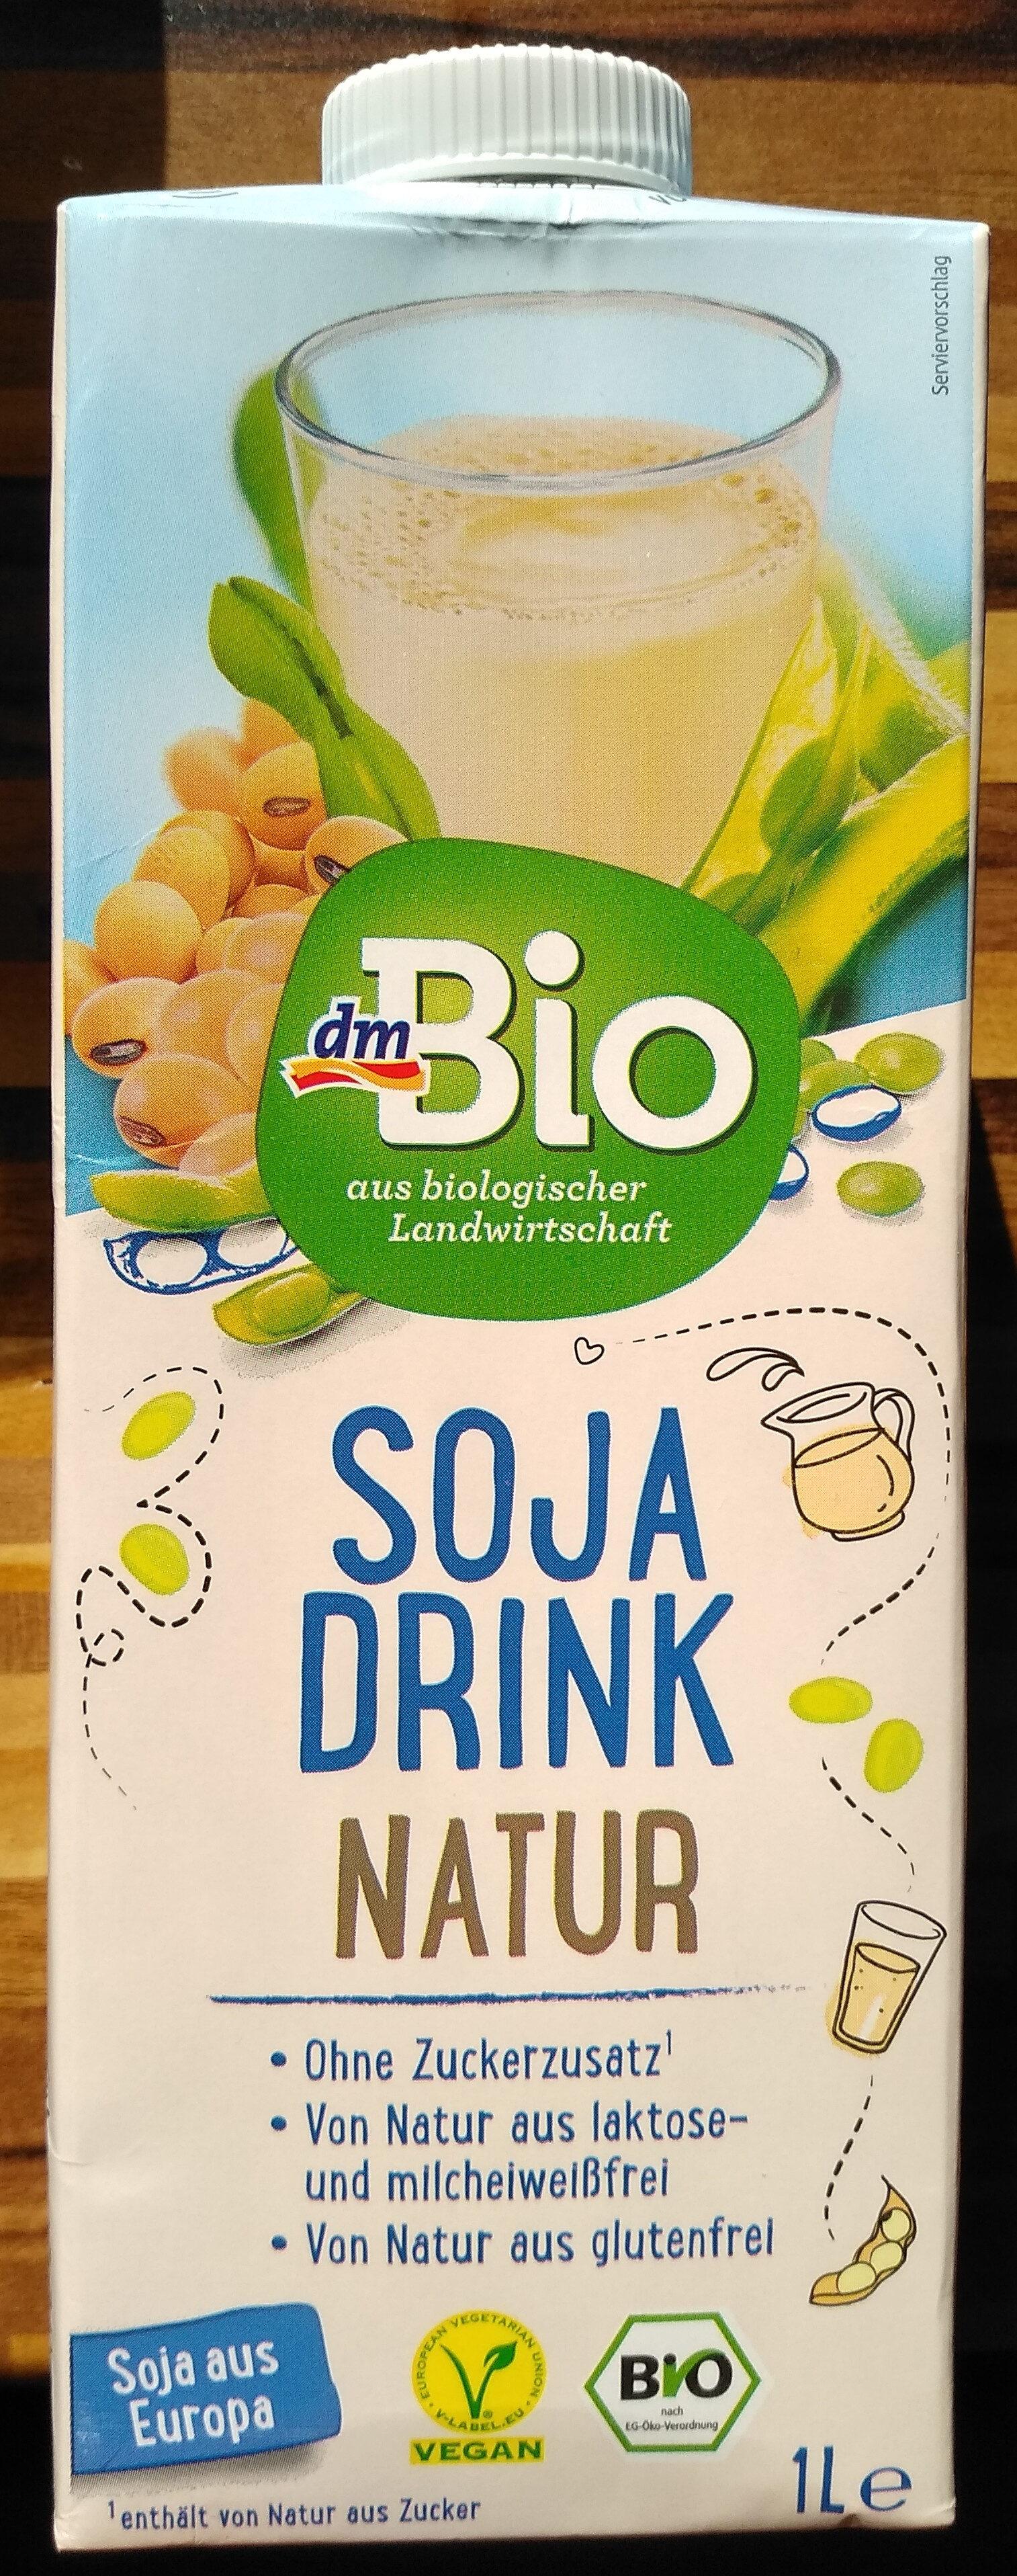 Soja drink natur - Produkt - de